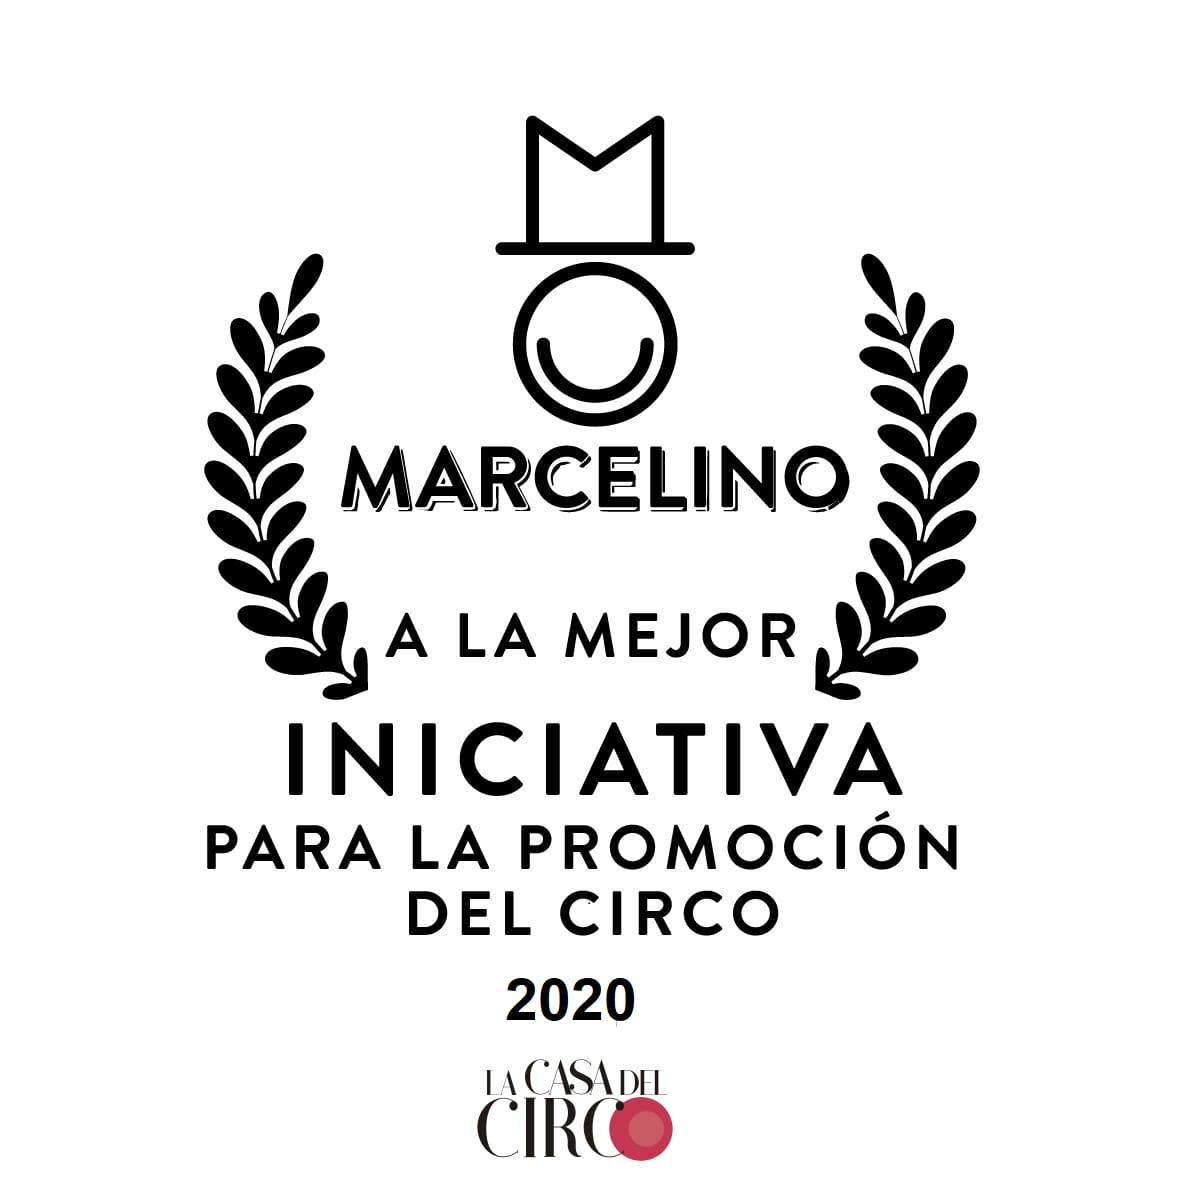 Cabriola Festival de verano de artes escénicas de La Casa del Circo de Zaragoza